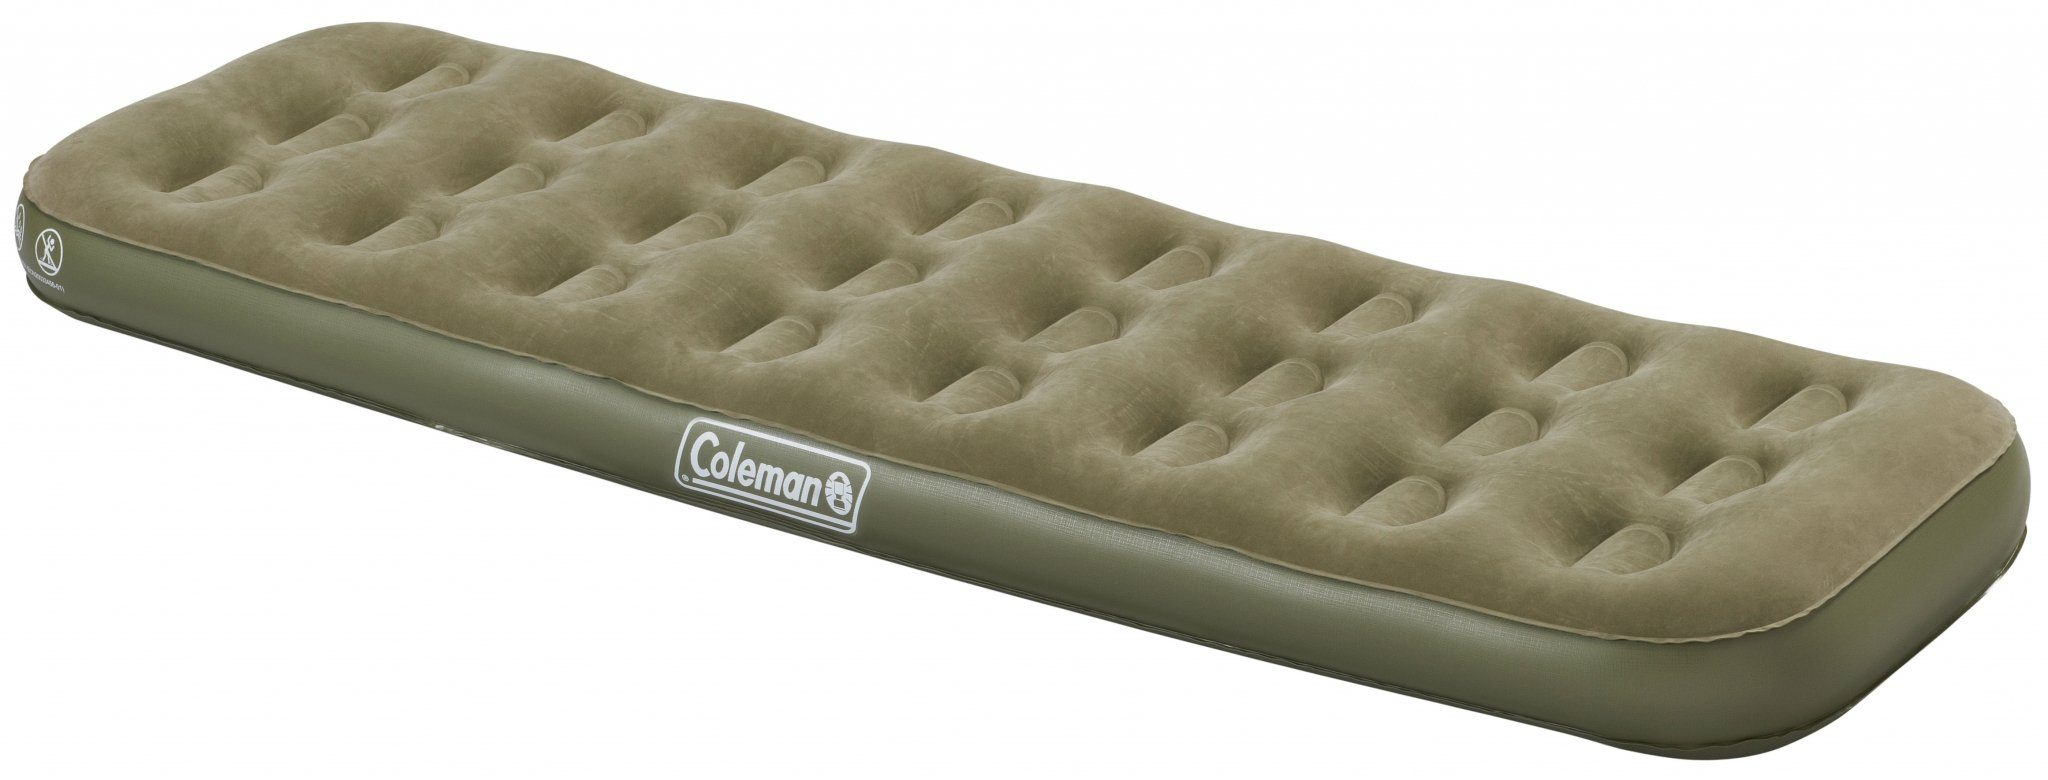 COLEMAN Bett & Liegen »Comfort Compact«